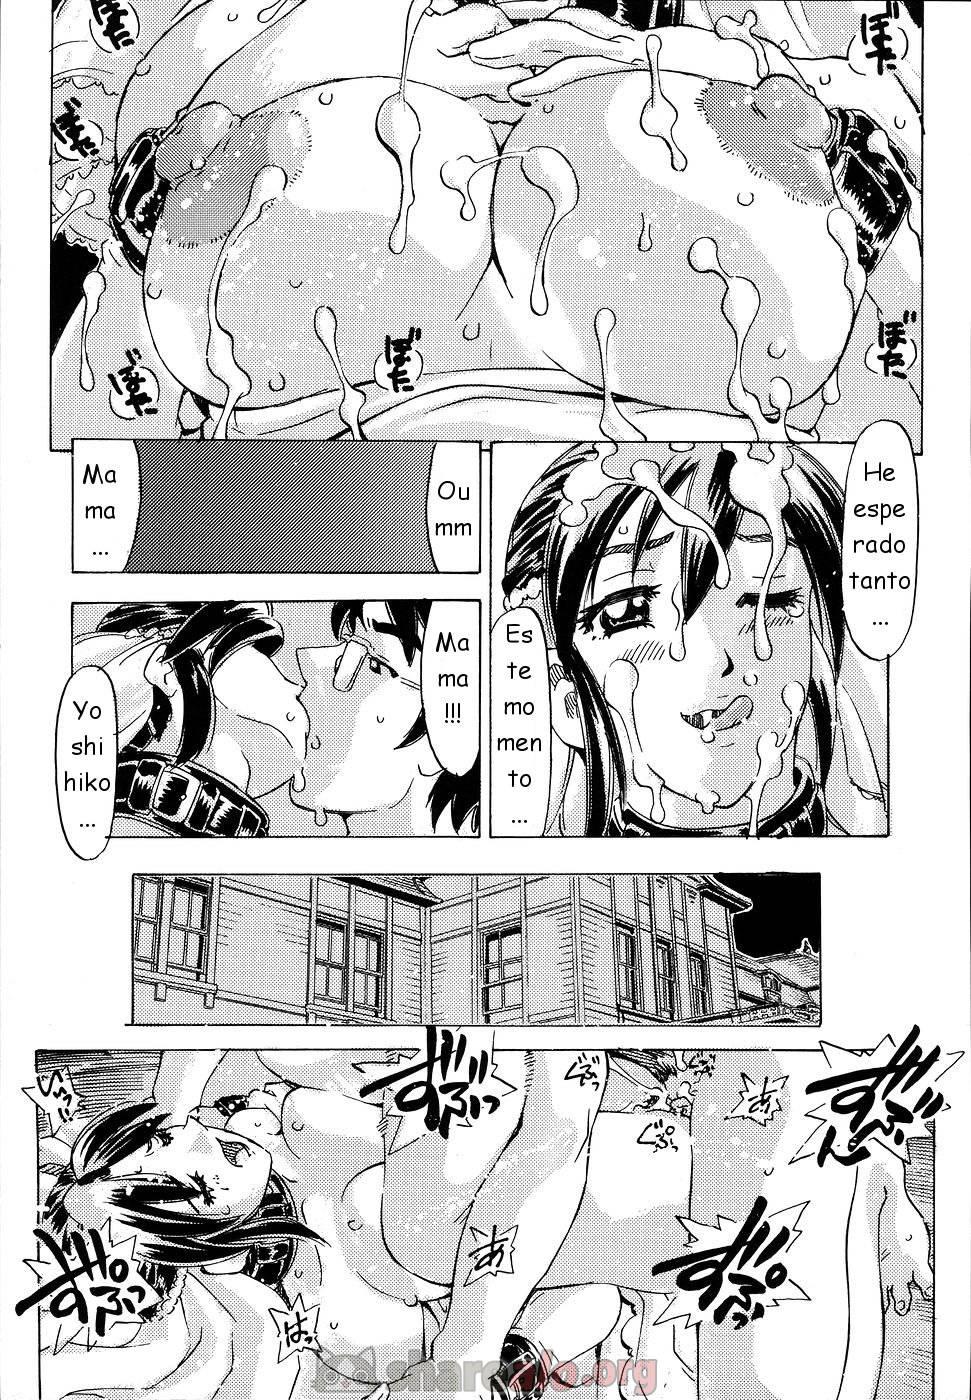 [ Inshoku no Kizuna Manga Hentai ]: Comics Porno Manga Hentai [ scsHVM7q ]